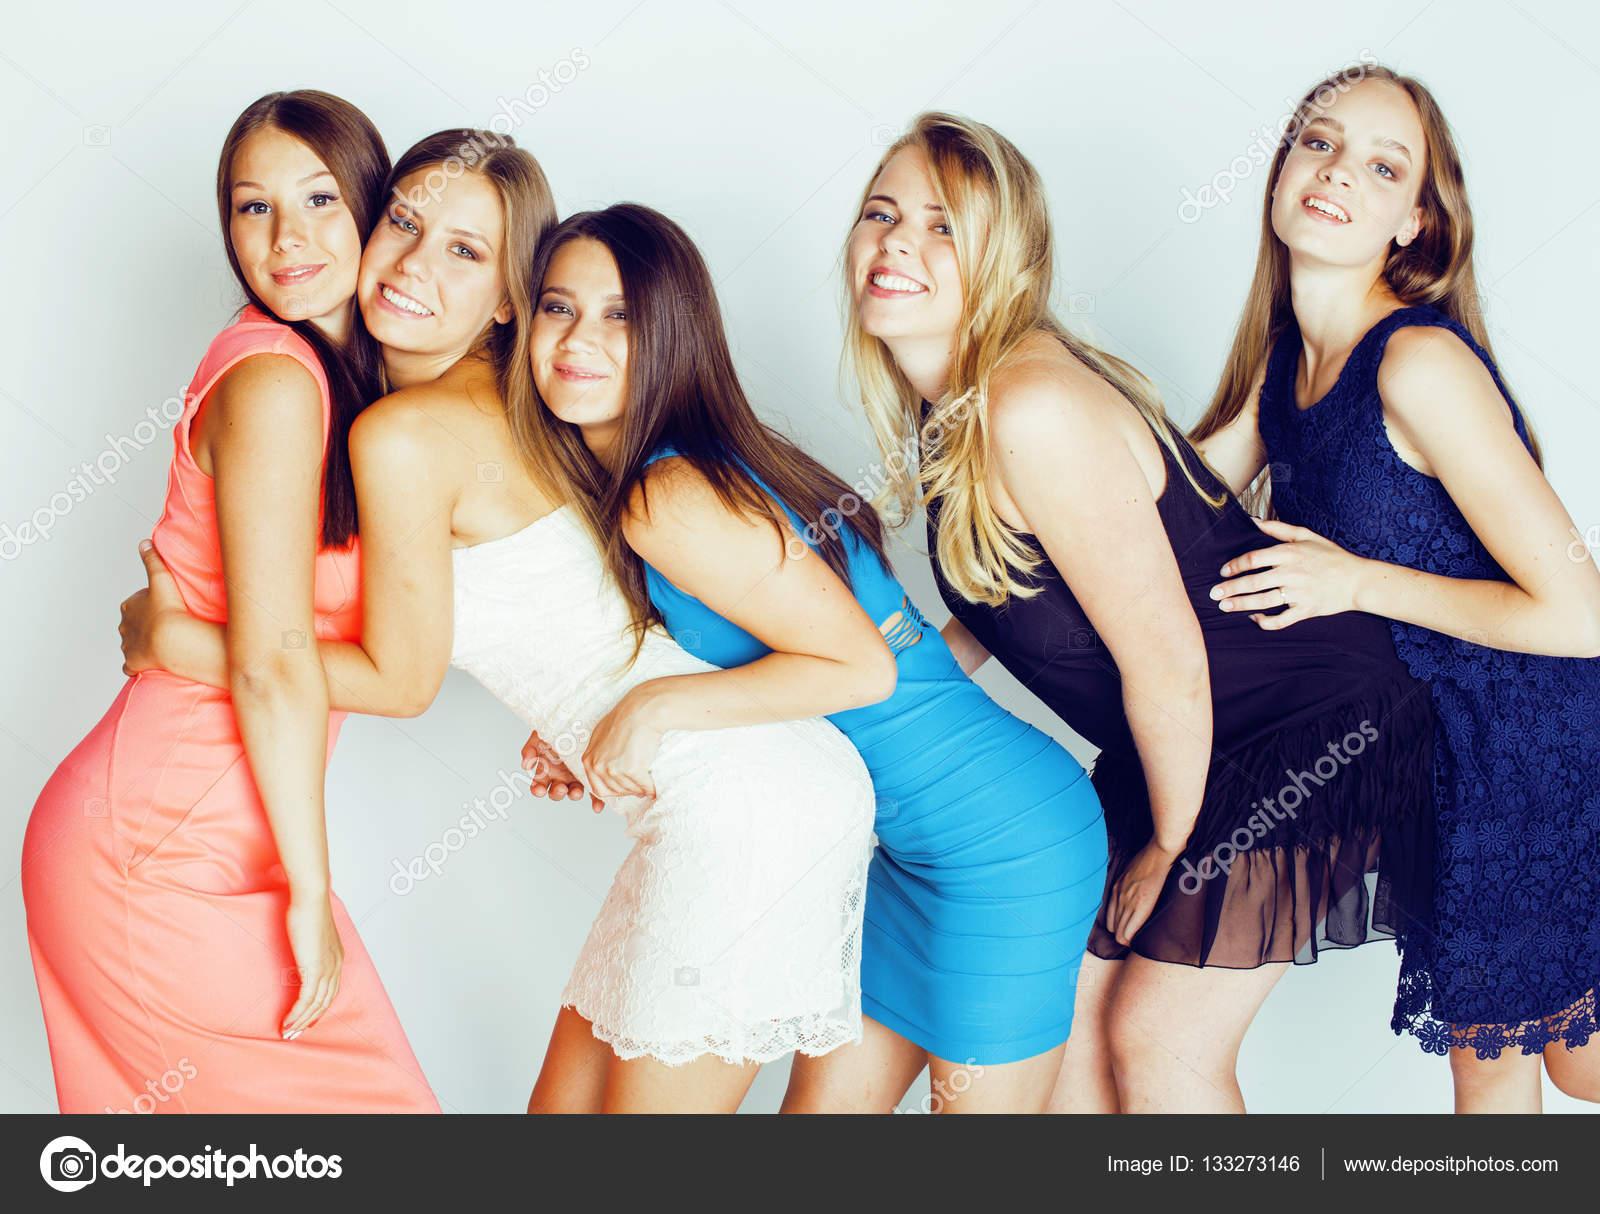 Фото много девушек вместе, групповое порно с бри олсон